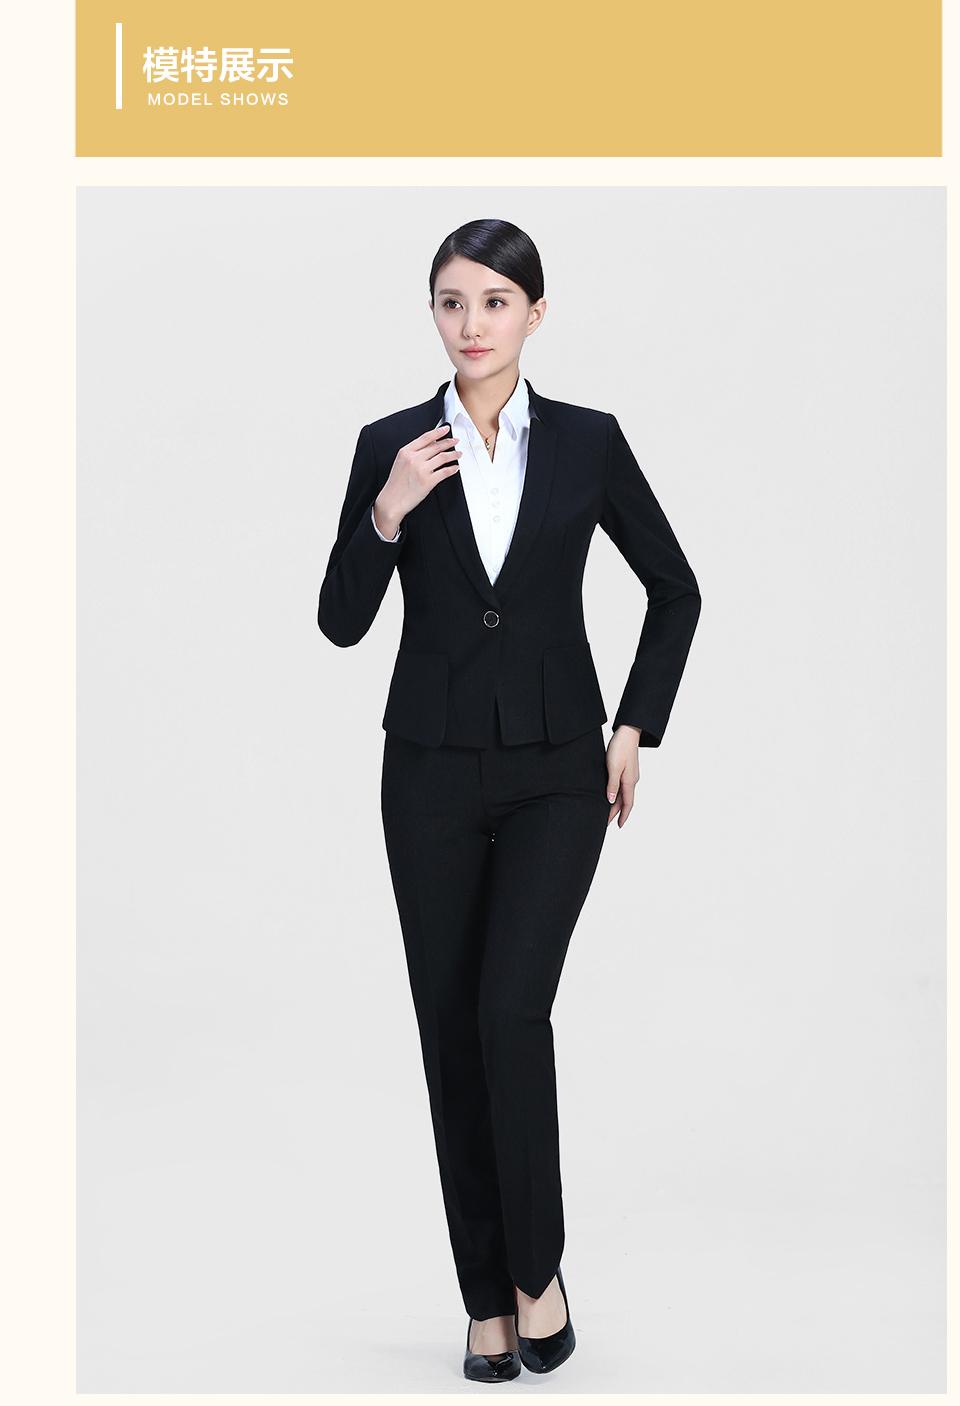 黑色女士修身职业装